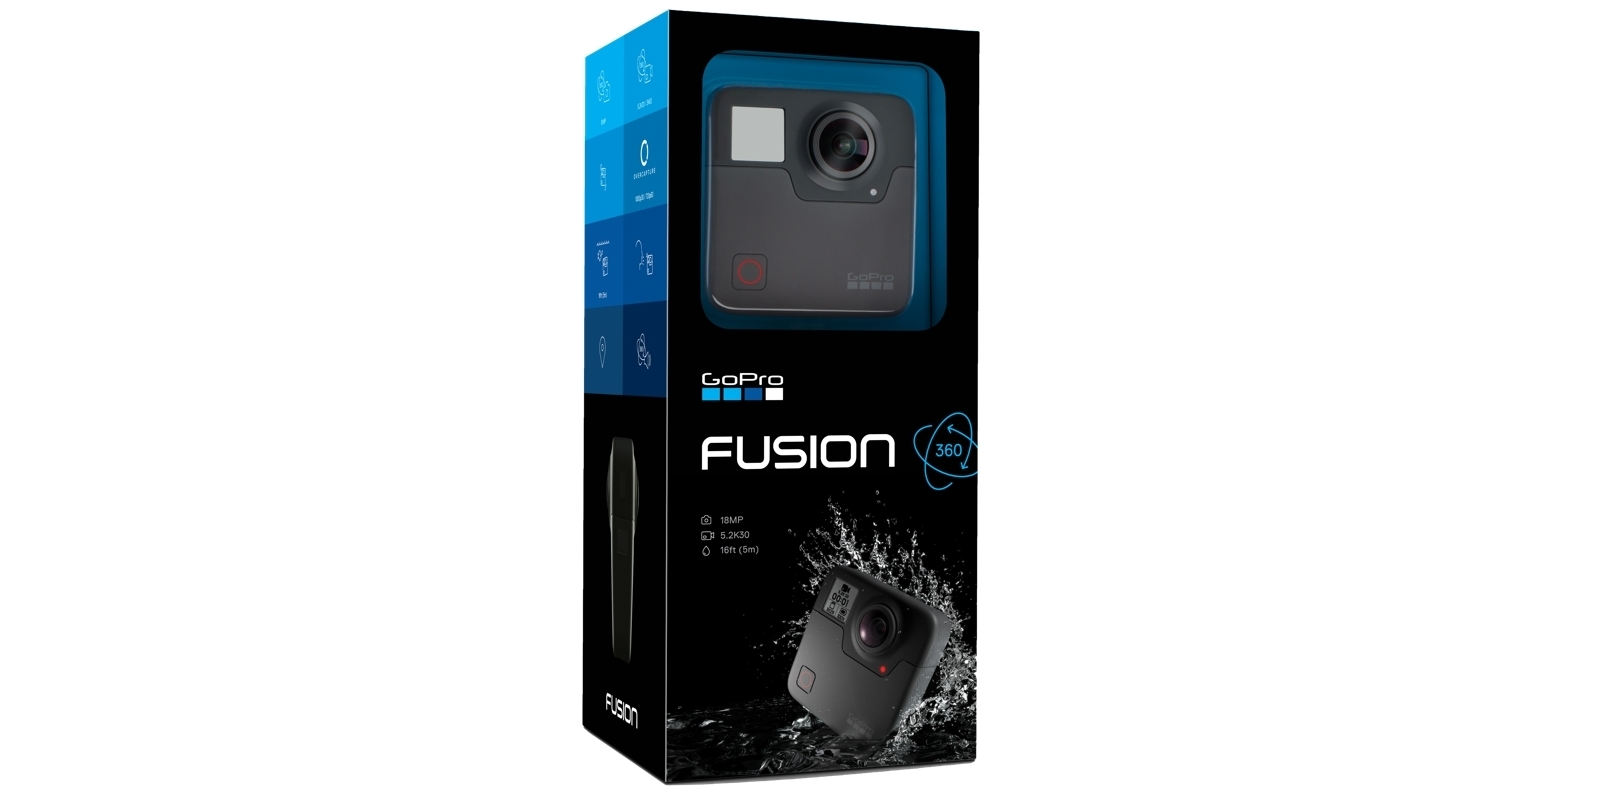 Панорамная камера GoPro Fusion 360 (CHDHZ-103) в коробке